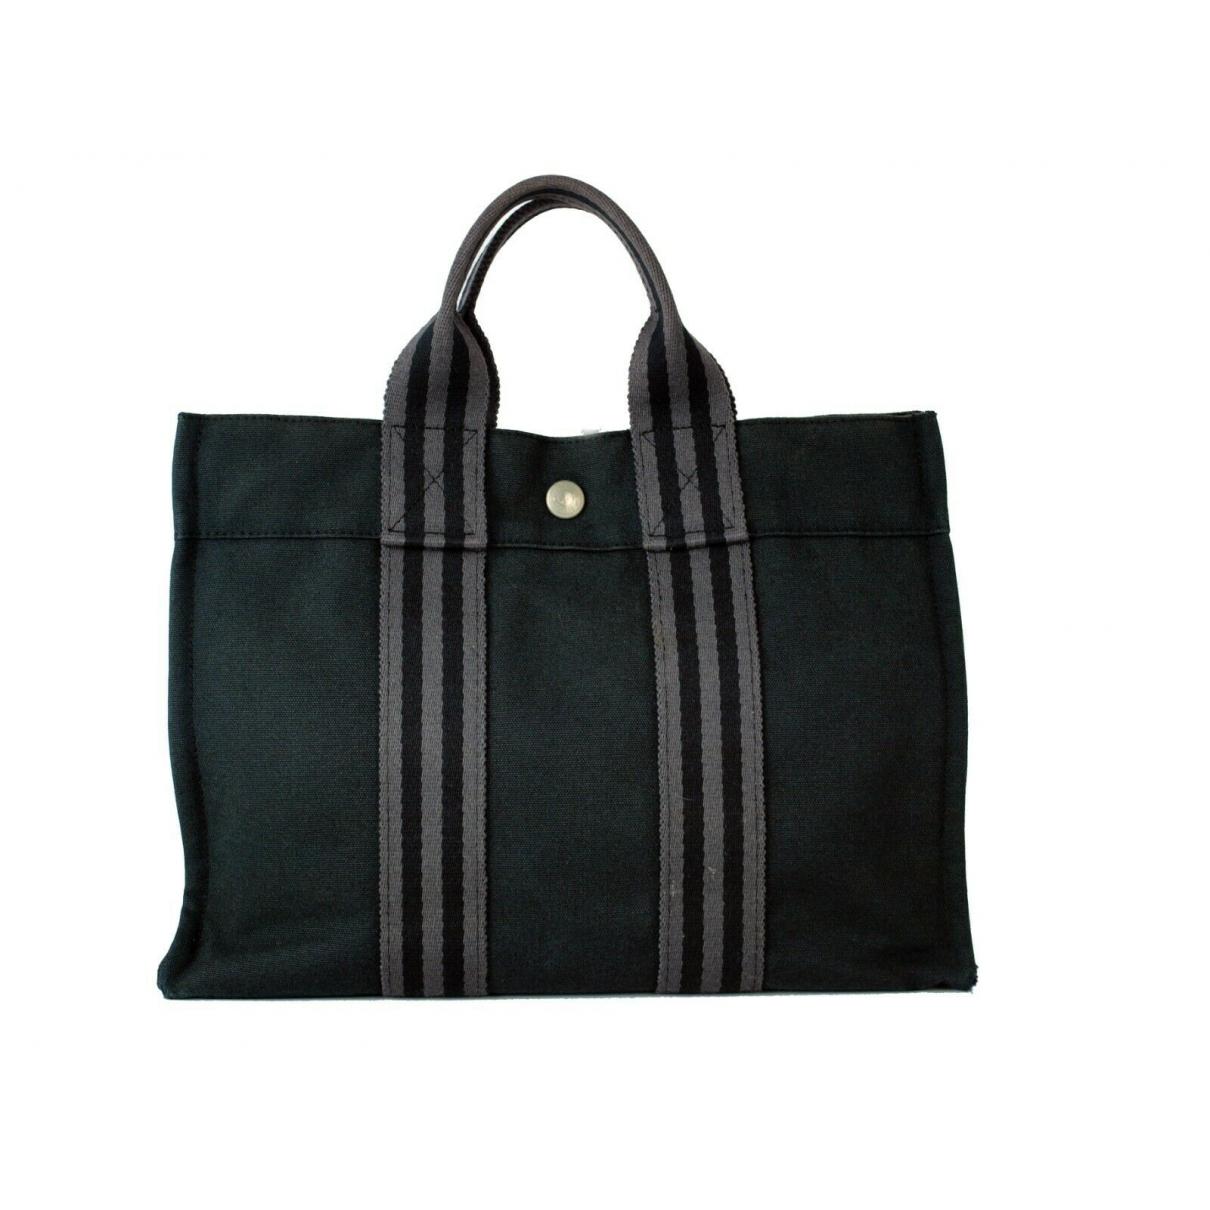 Hermes \N Handtasche in  Schwarz Baumwolle